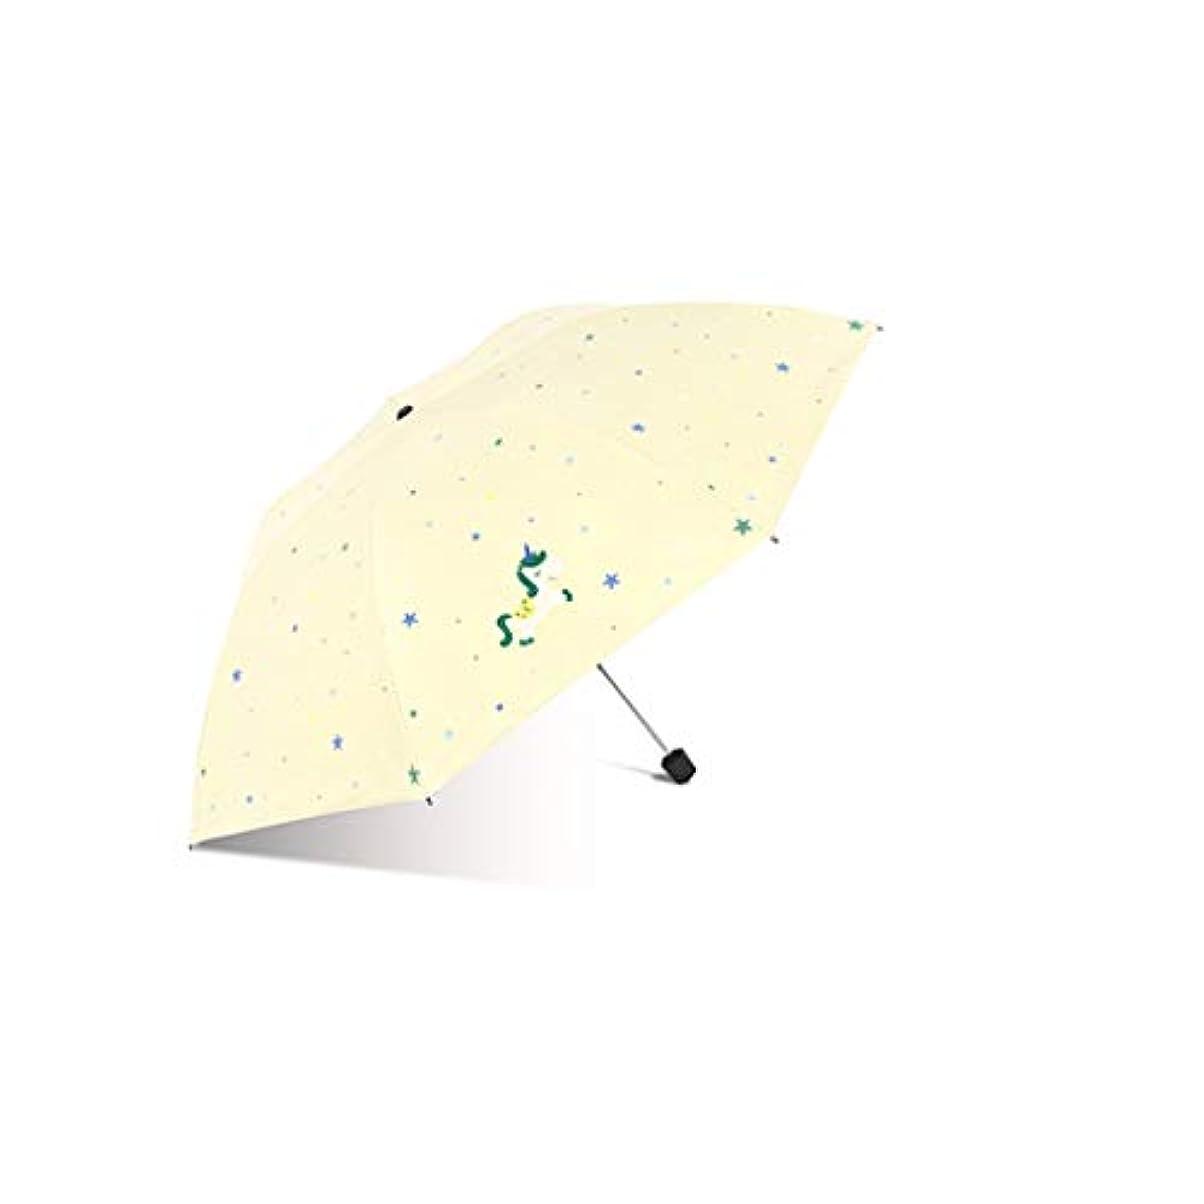 凝視豊富なまっすぐにする日傘、自動開閉開閉トラベル傘強化換気と防風フレームポータブルコンパクト折りたたみ式軽量設計と高風抵抗(ブルー) (Color : Yellow, Size : L)